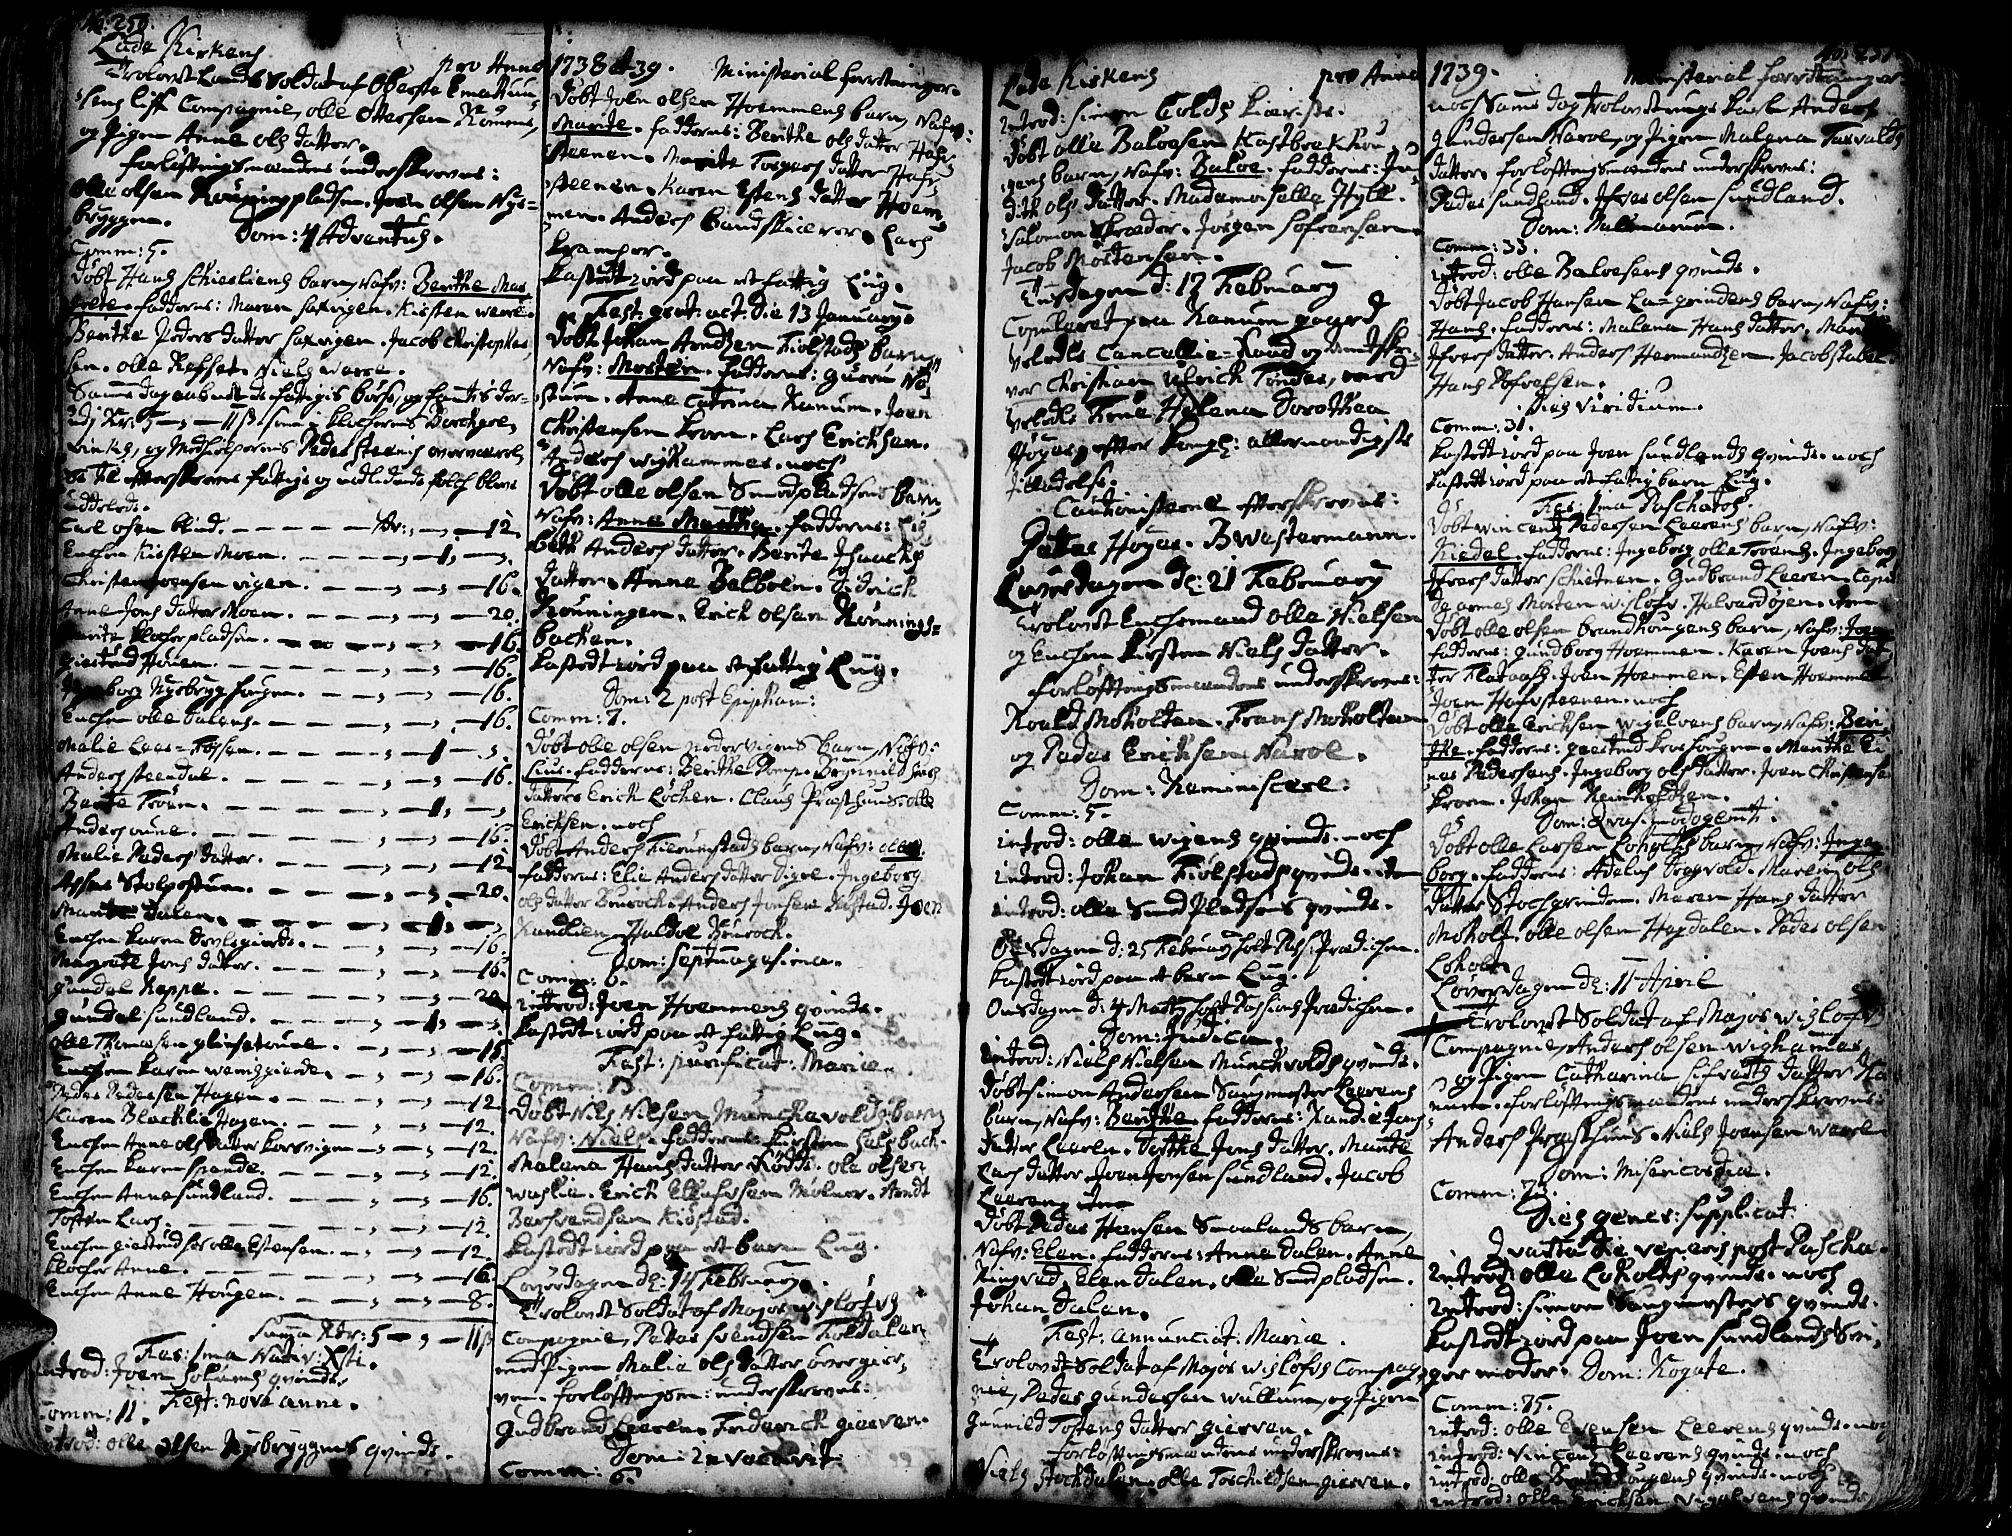 SAT, Ministerialprotokoller, klokkerbøker og fødselsregistre - Sør-Trøndelag, 606/L0275: Ministerialbok nr. 606A01 /1, 1727-1780, s. 250-251